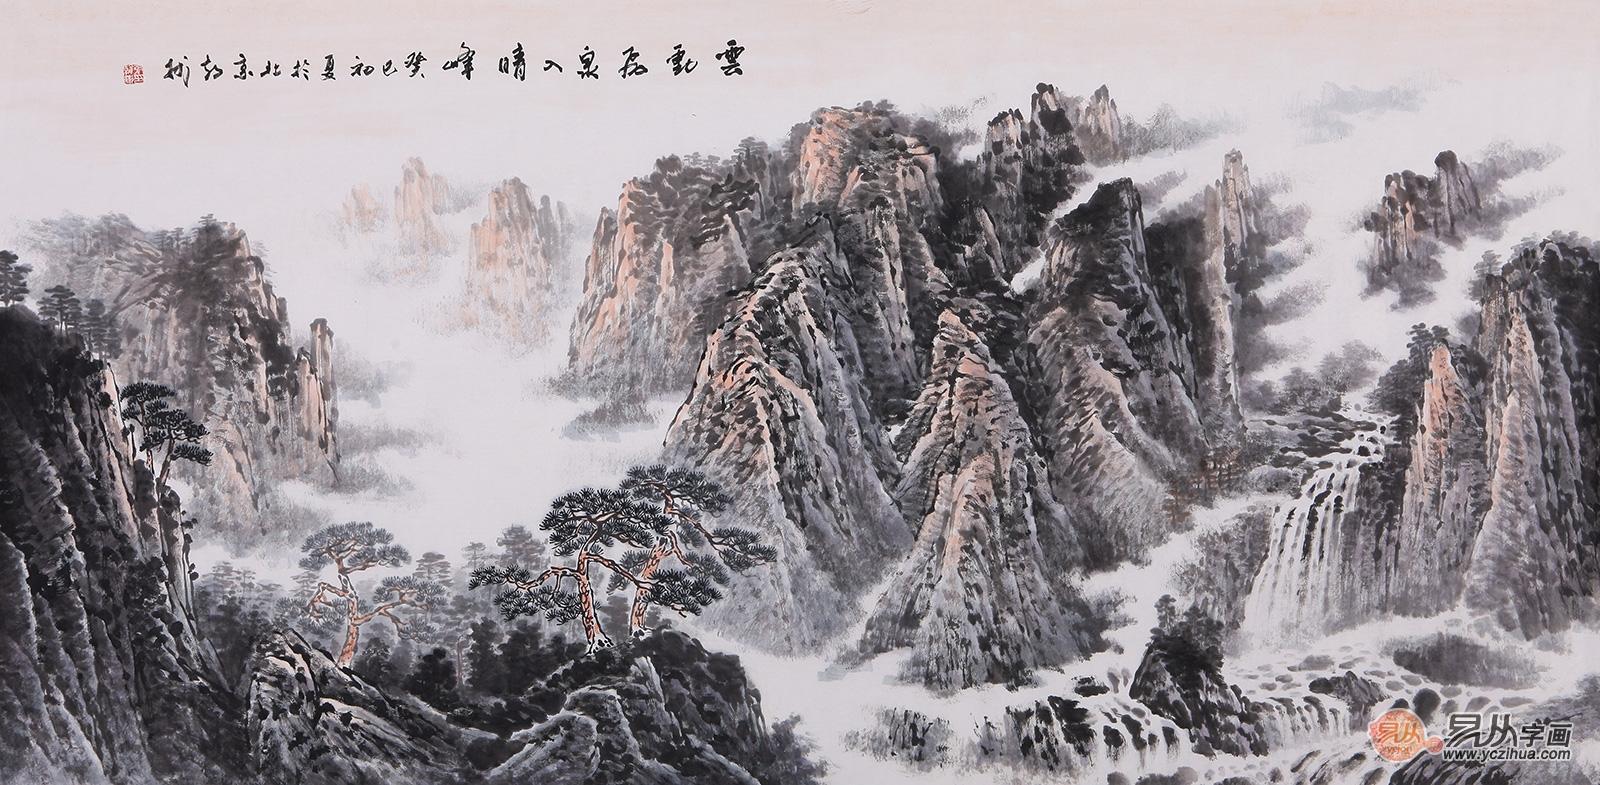 张朝彬四尺横幅山水画作品《云动飞泉入晴峰》